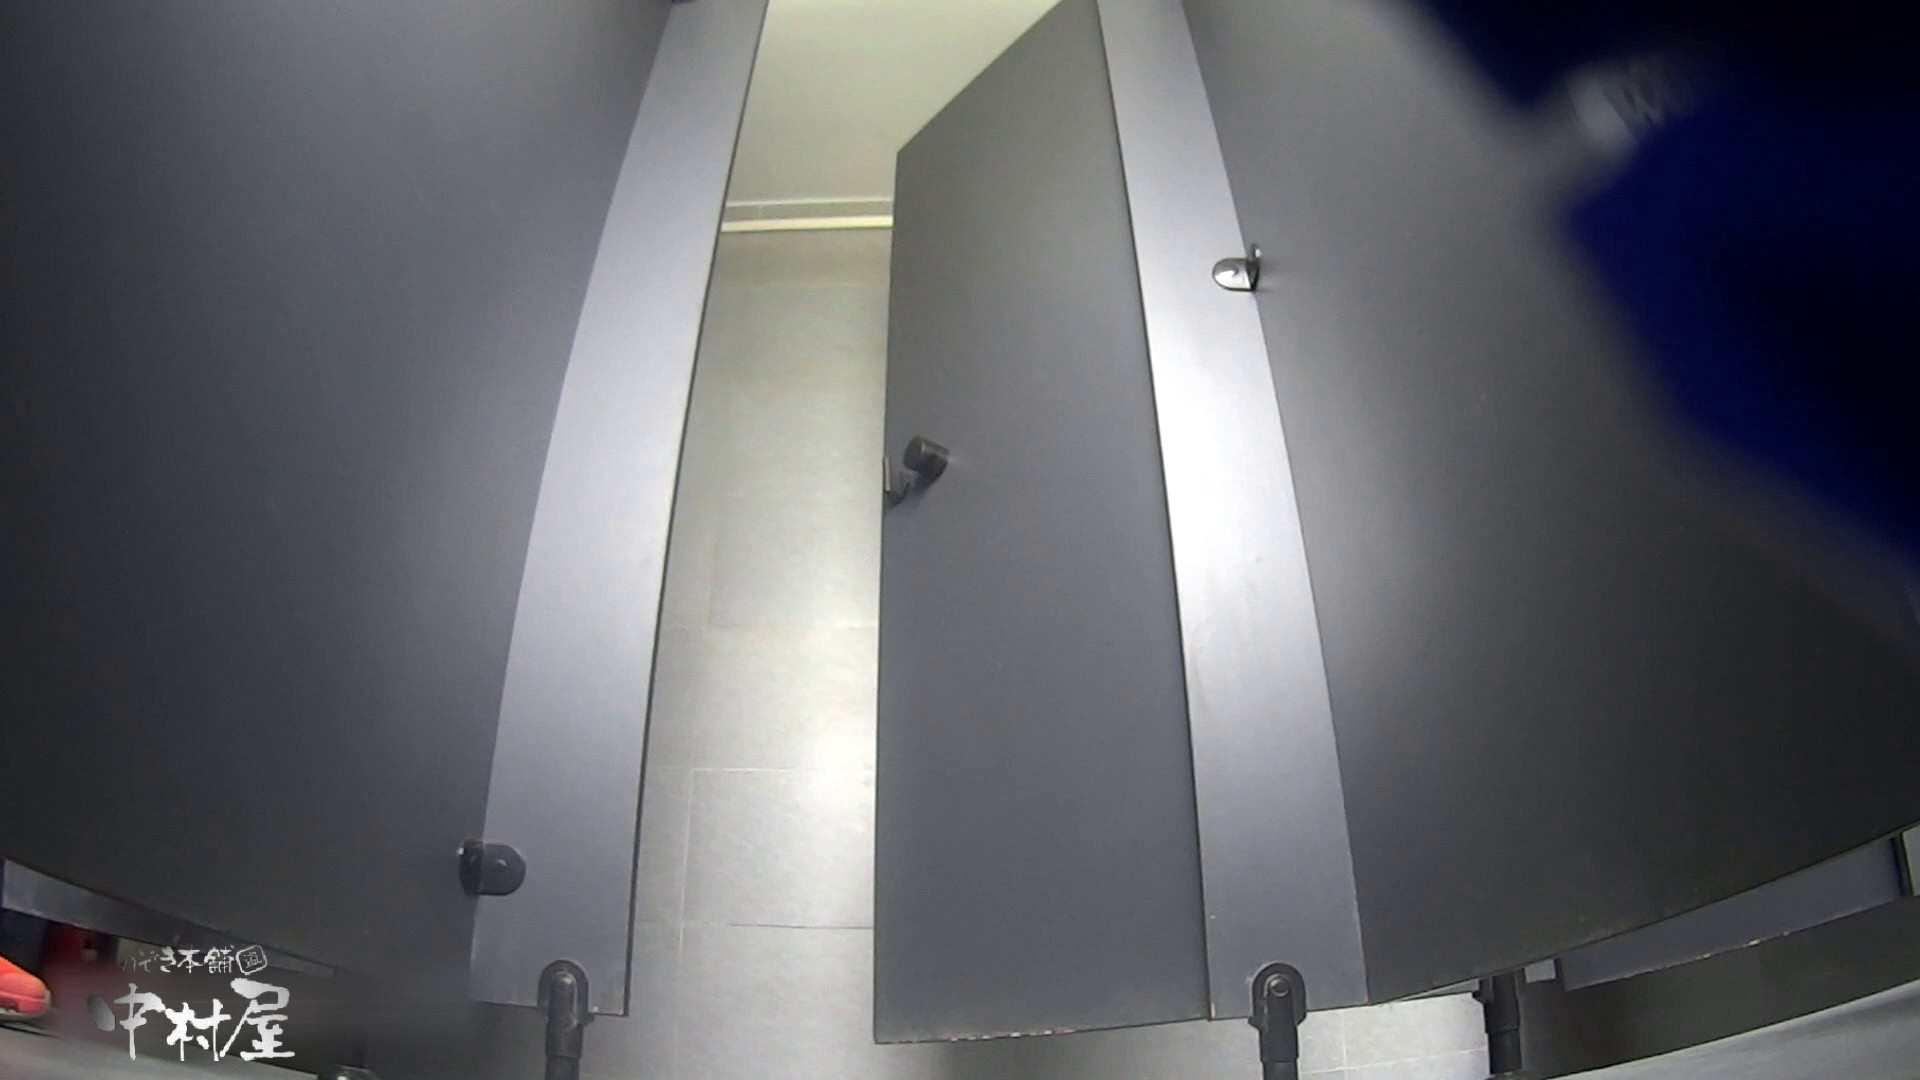 ツンデレお女市さんのトイレ事情 大学休憩時間の洗面所事情32 お色気美女 AV動画キャプチャ 90枚 73